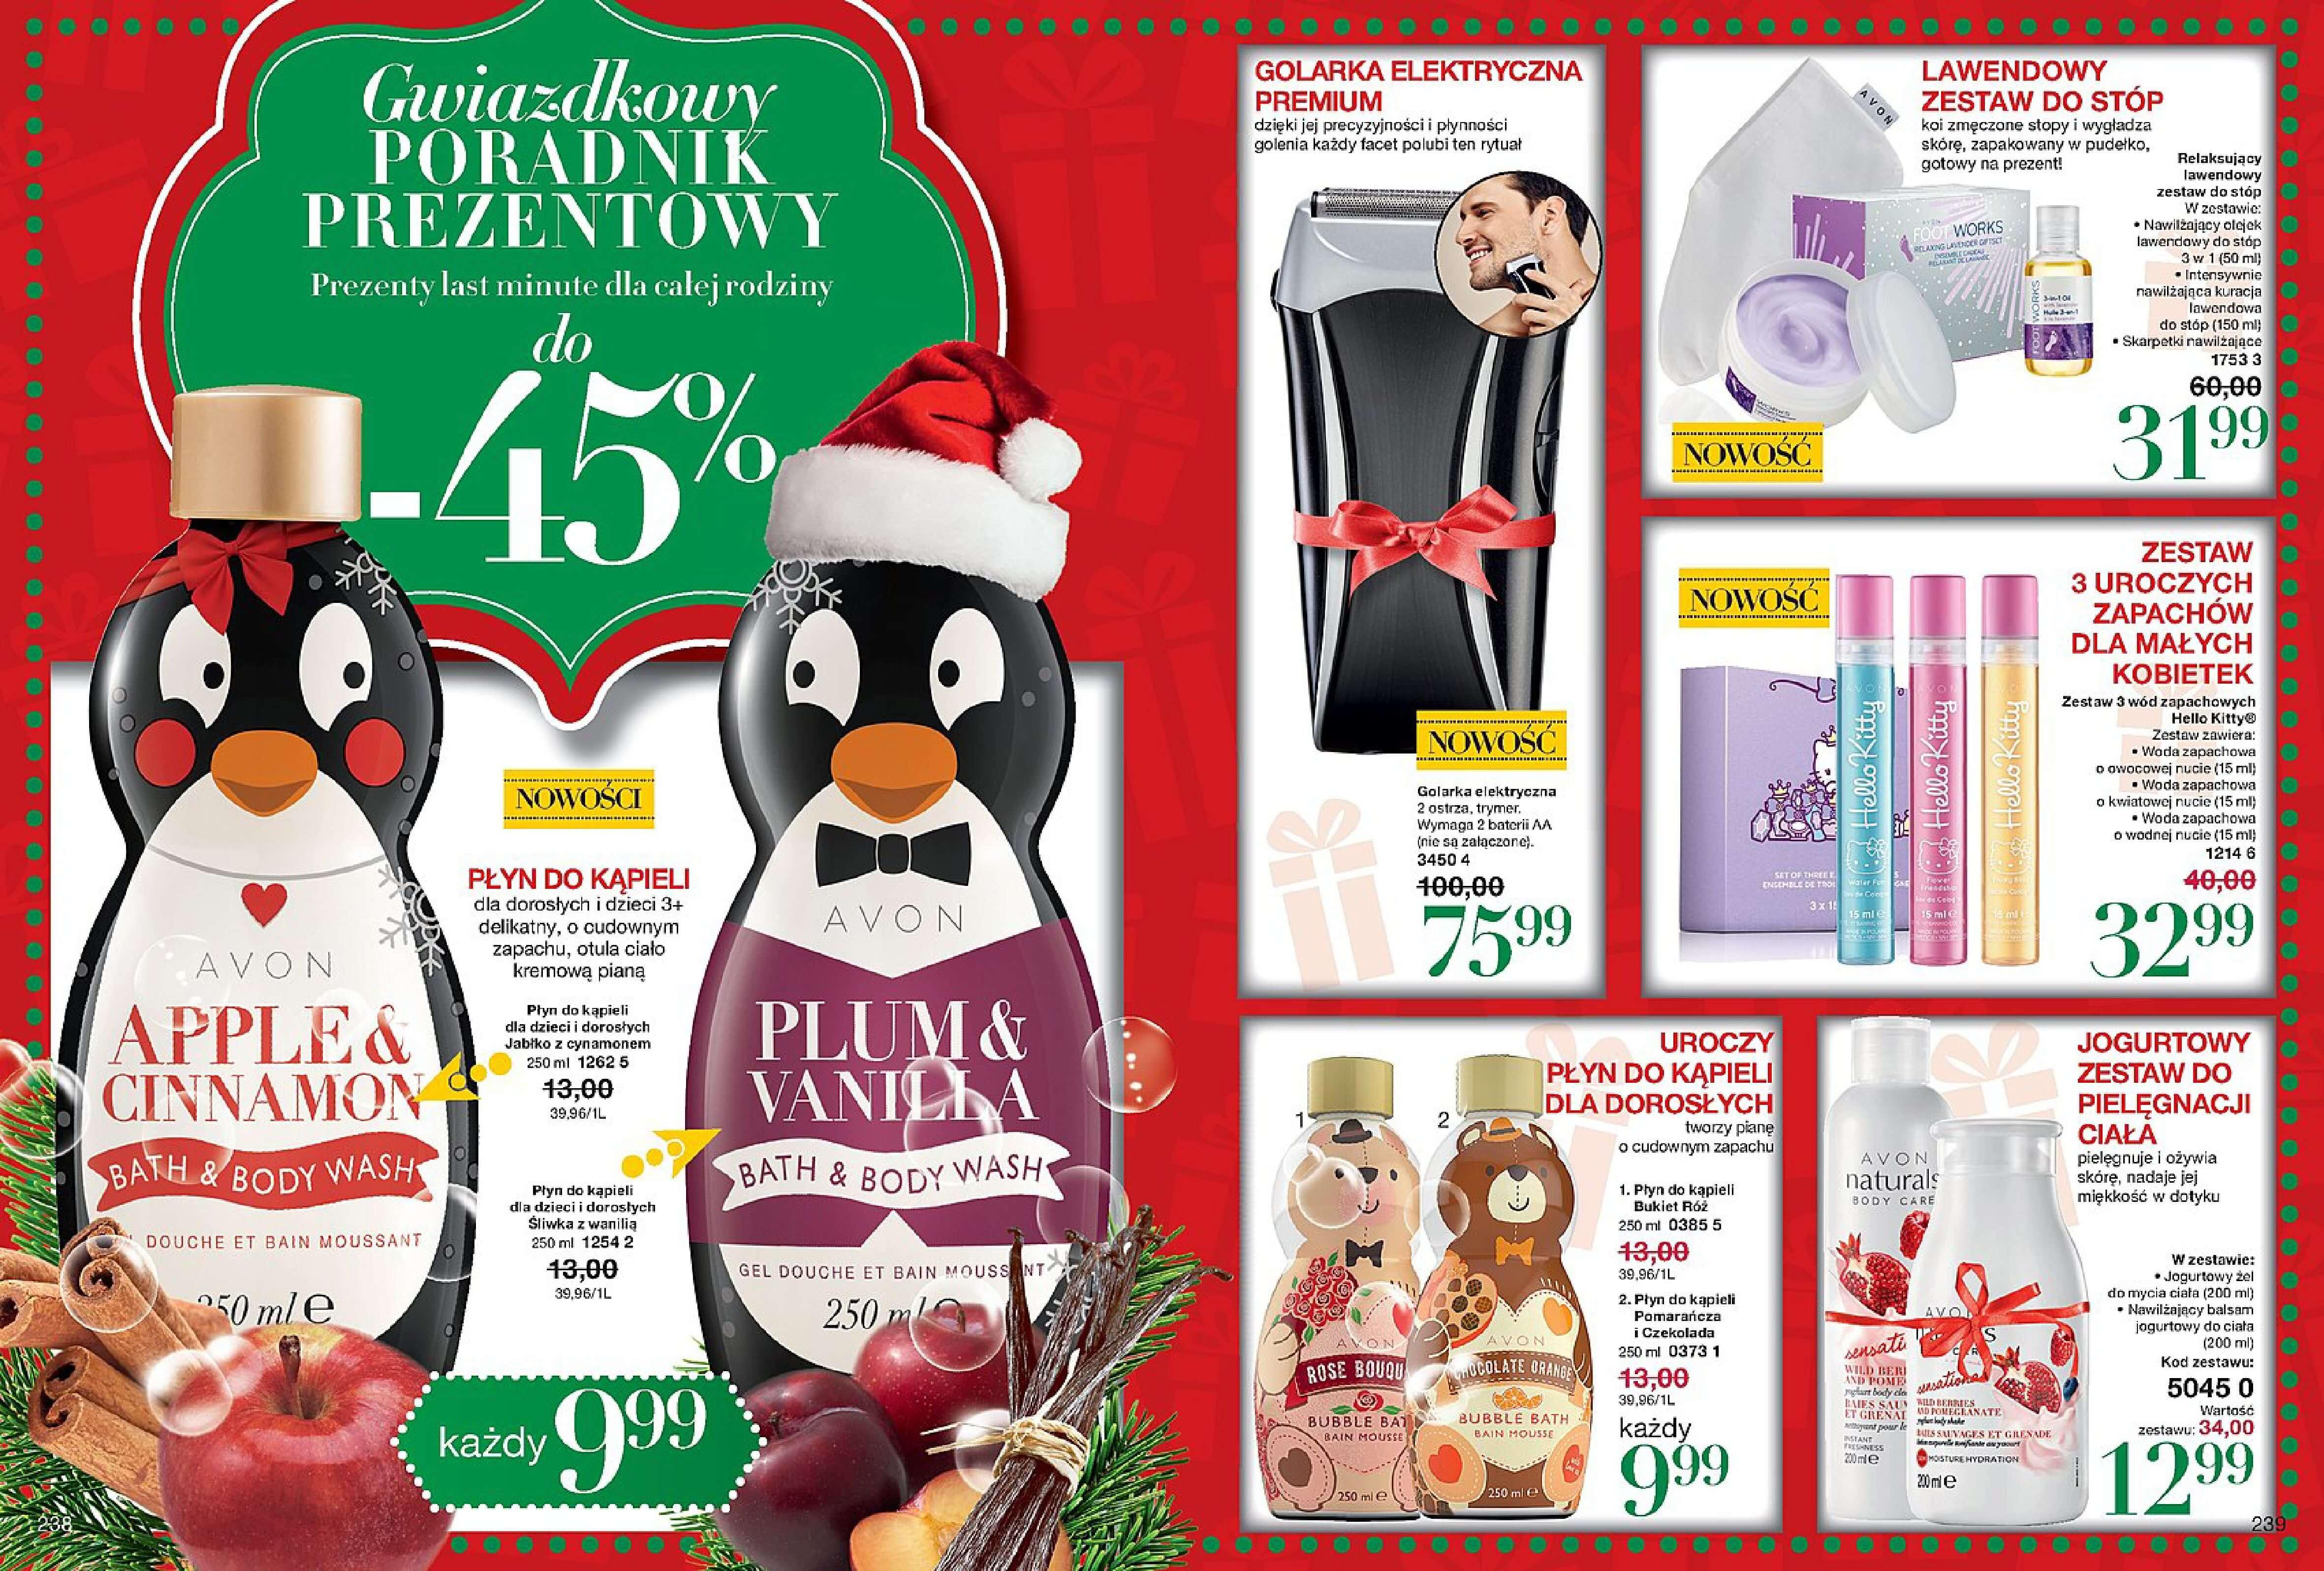 Gazetka Avon - Katalog 17/2017 Gwiazdka-29.11.2017-27.12.2017-page-120